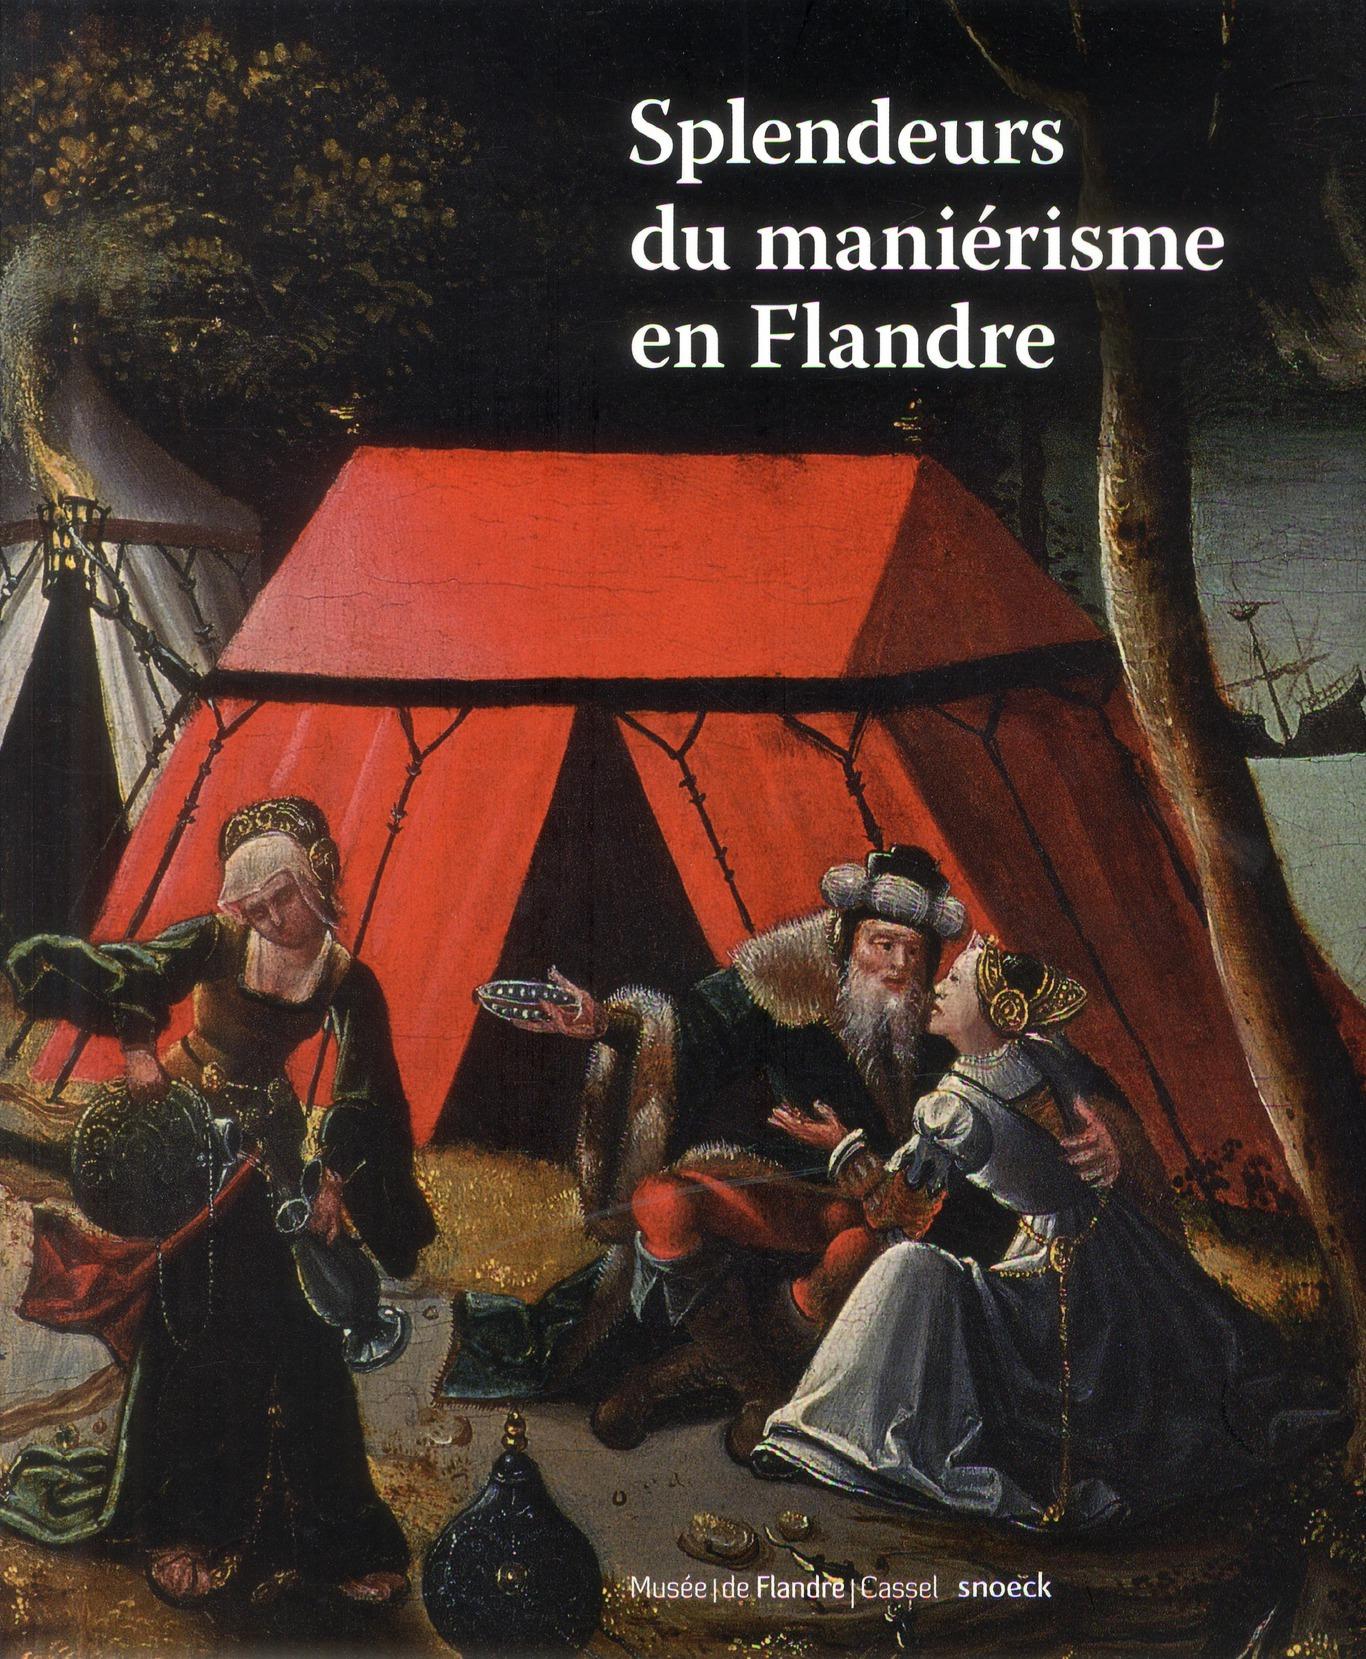 SPLENDEUR DU MANIERISME EN FLANDRE 1500 1575